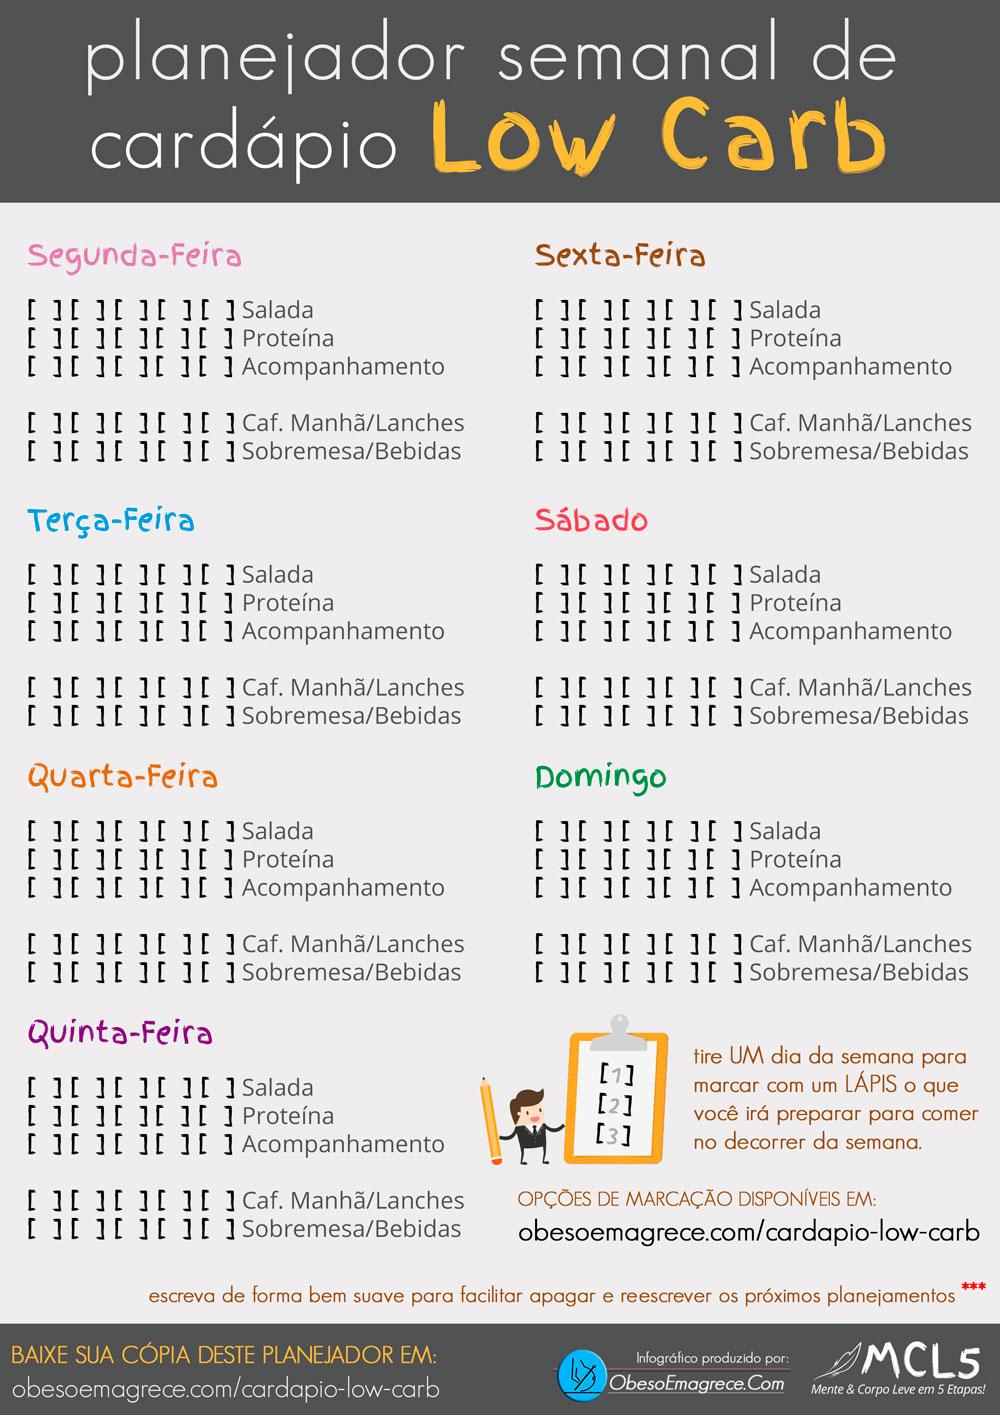 cardápio low carb para emagrecer - infográfico#6: planejador semanal de cardápio low carb para emagrecer em tamanho grande